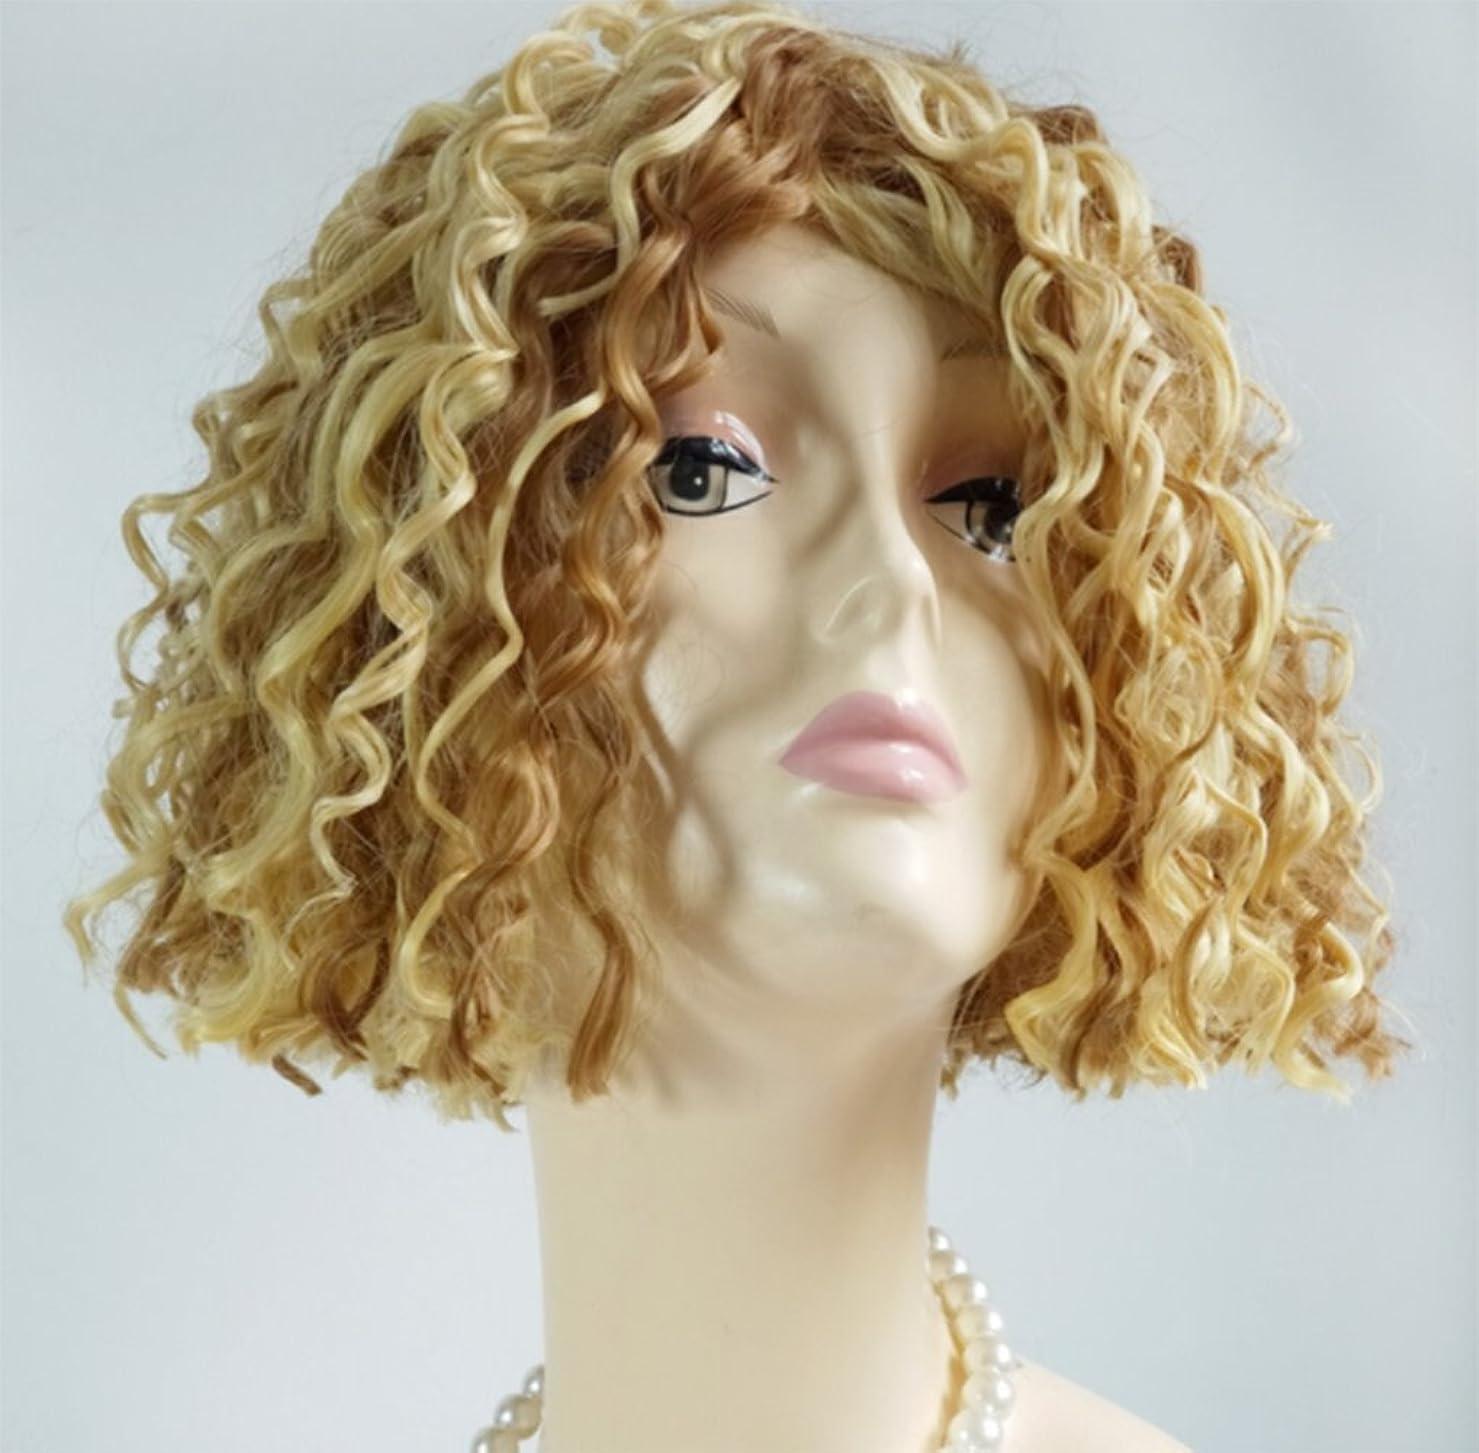 虚偽ベース粘り強いウィッグウィッグ短い縮毛ファッション合成女性のロールプレイングパーティハロウィーンの衣装